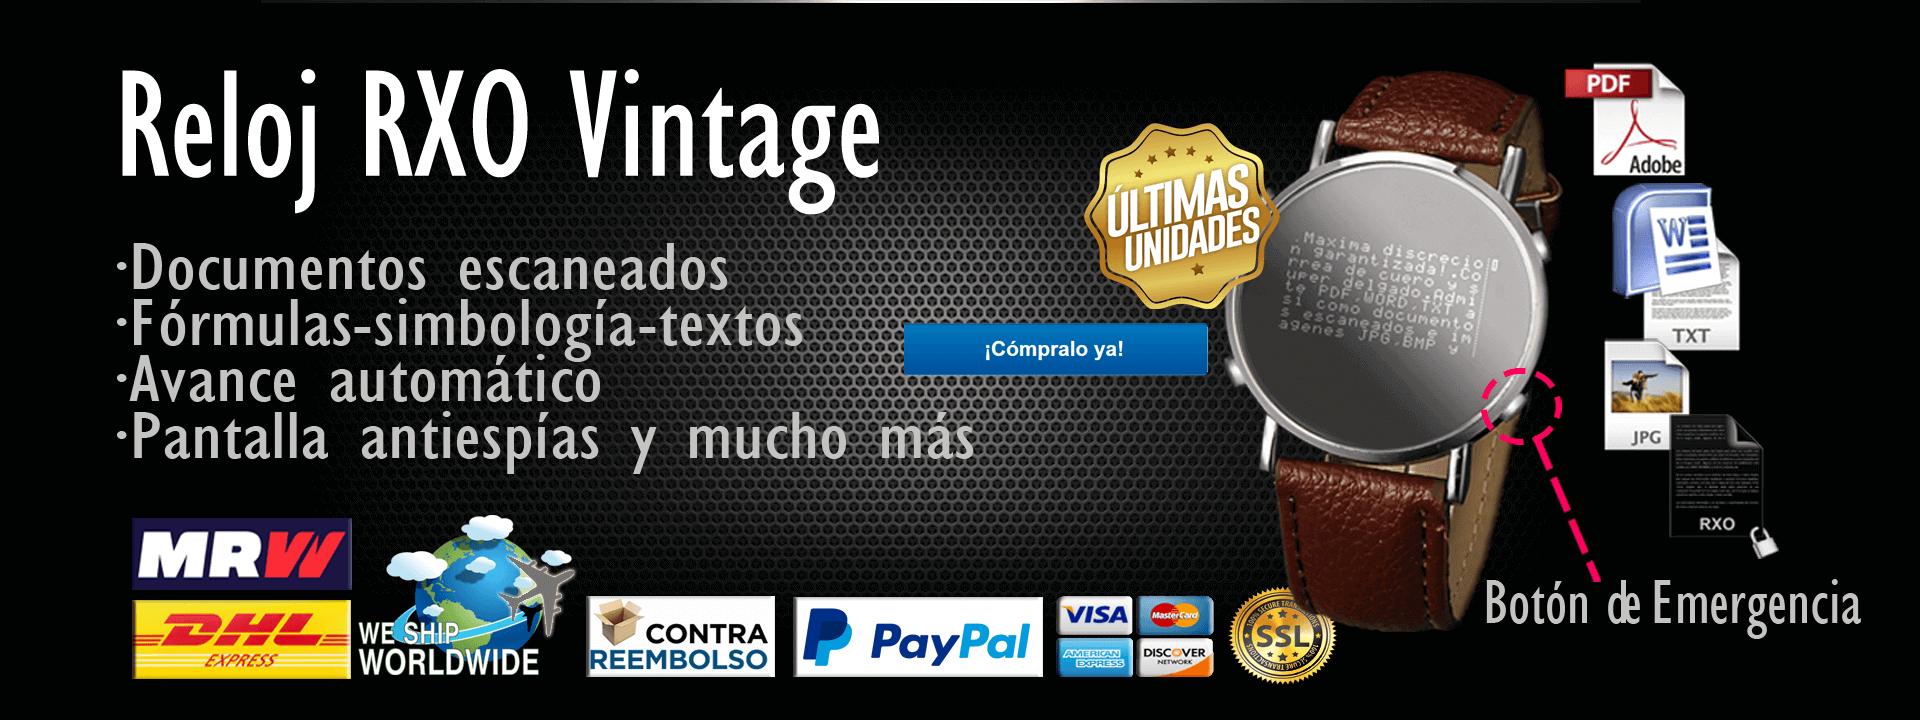 RXO Vintage reloj chuleta